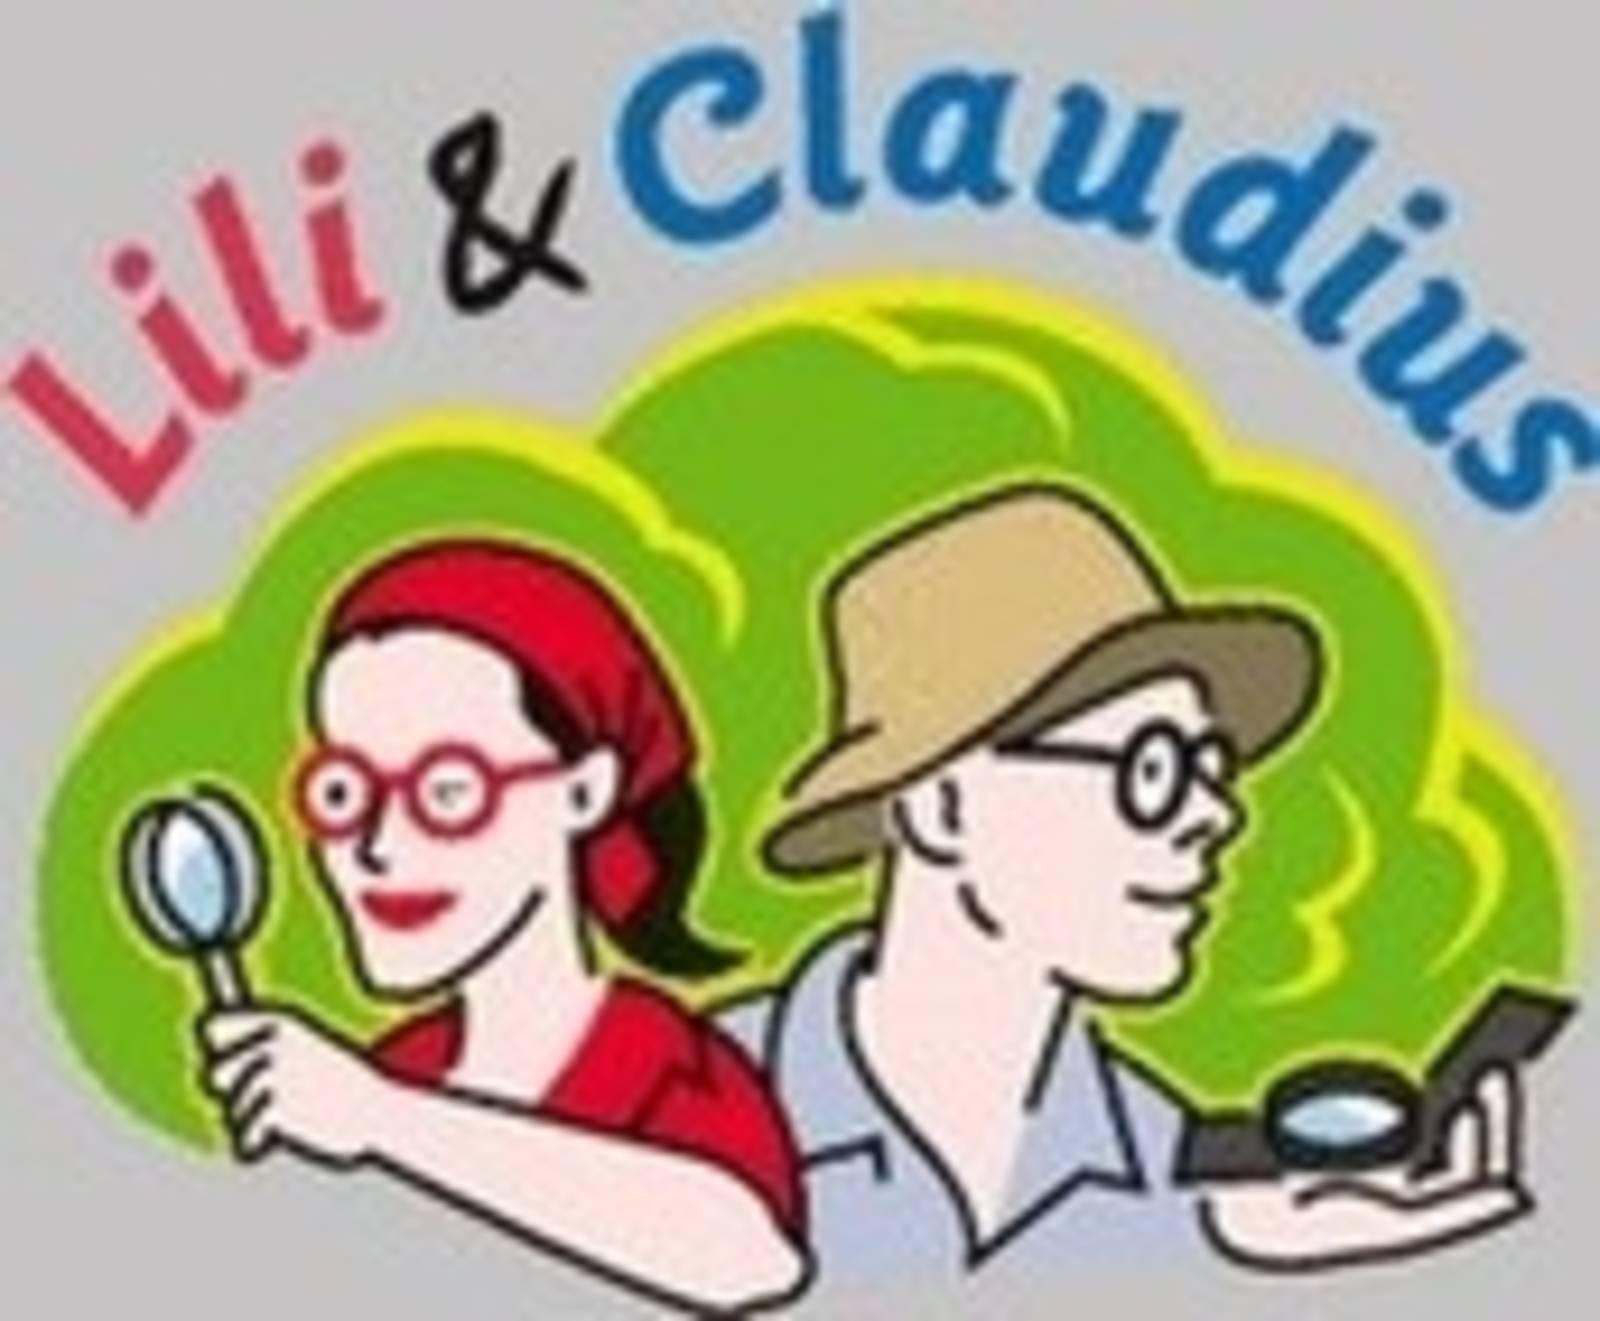 Naturonauten Lili & Claudius